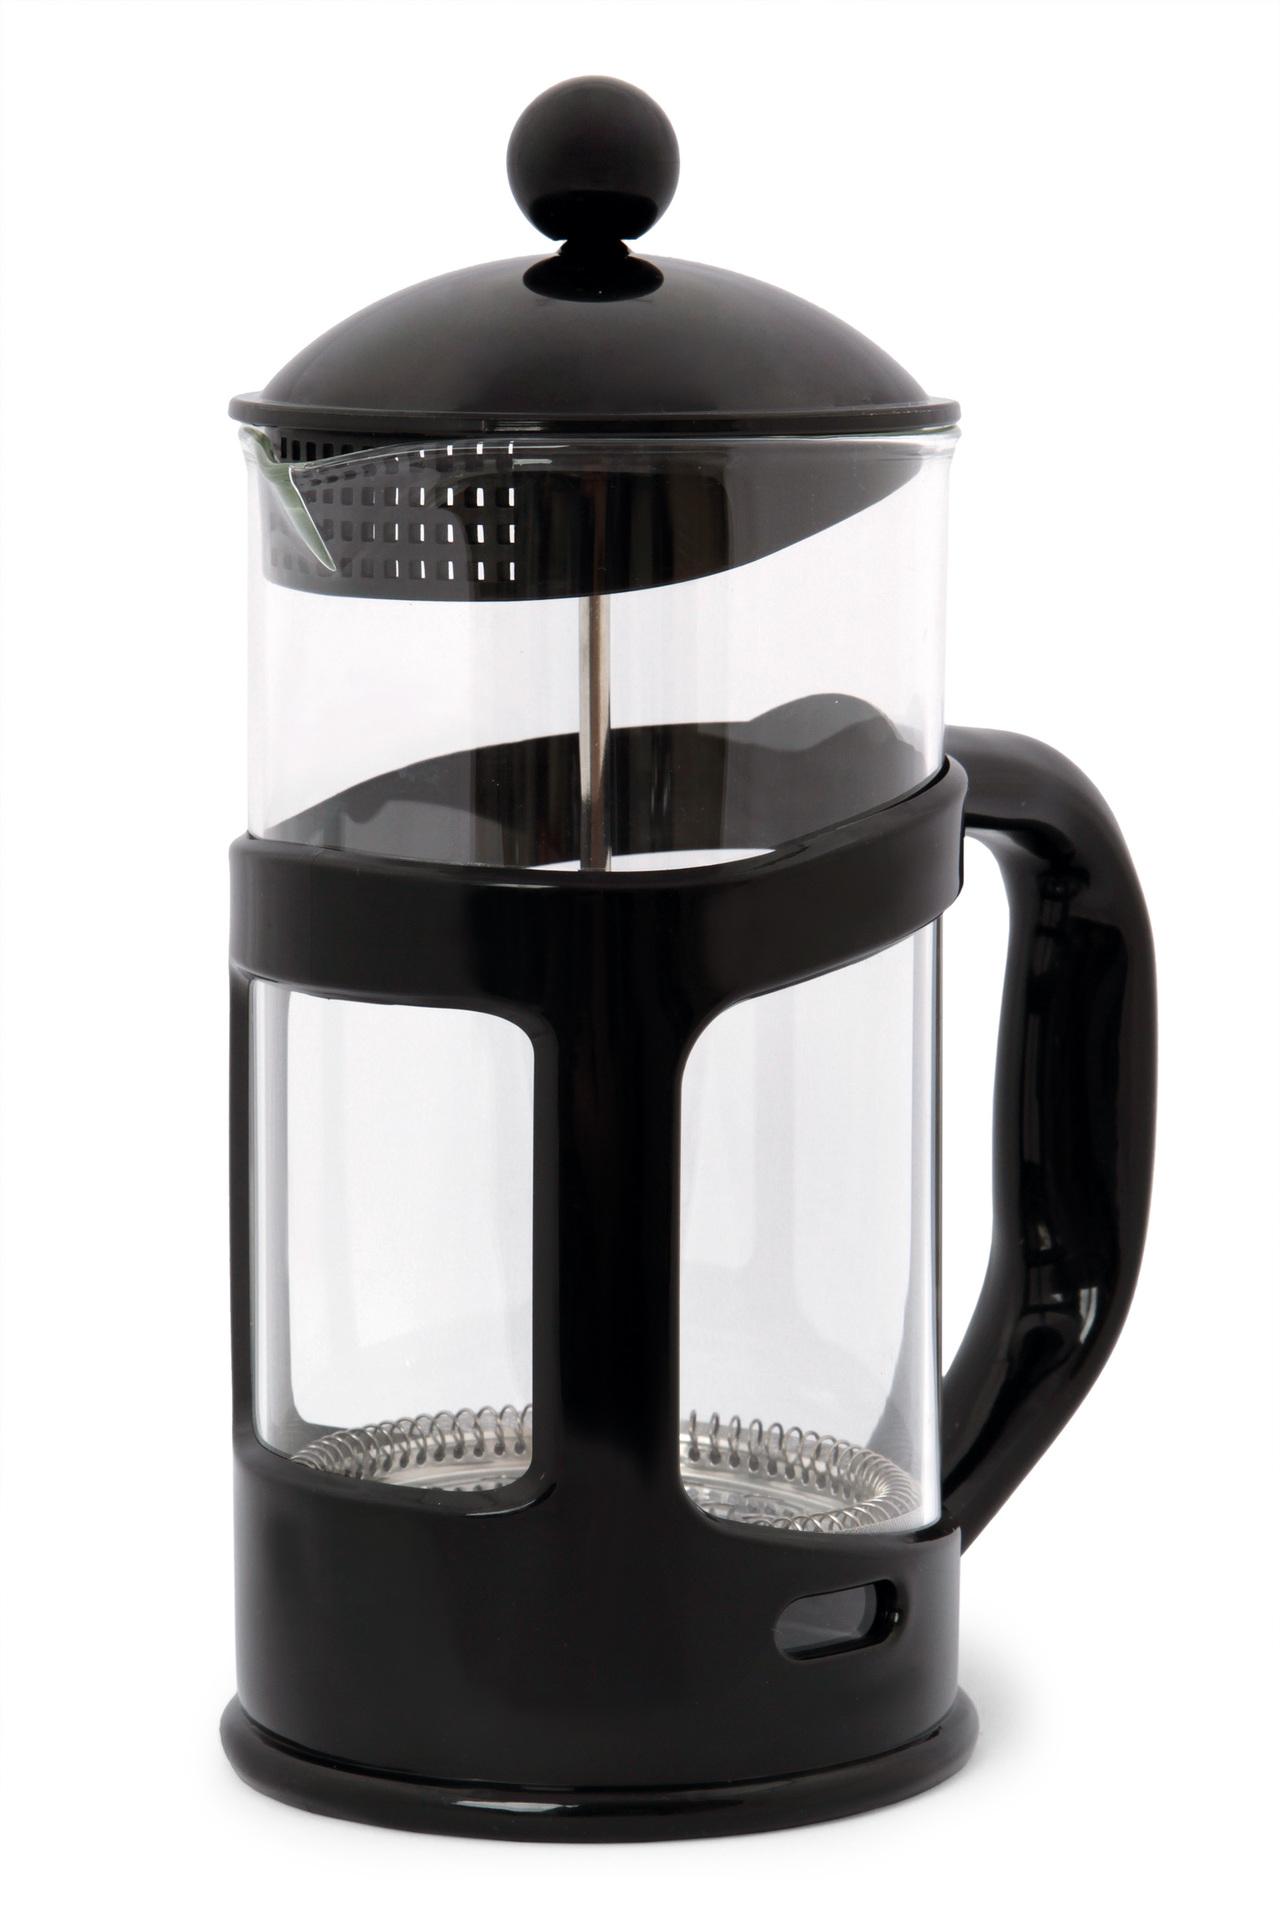 XL FRENCH PRESS konvice na čaj a kávu černá